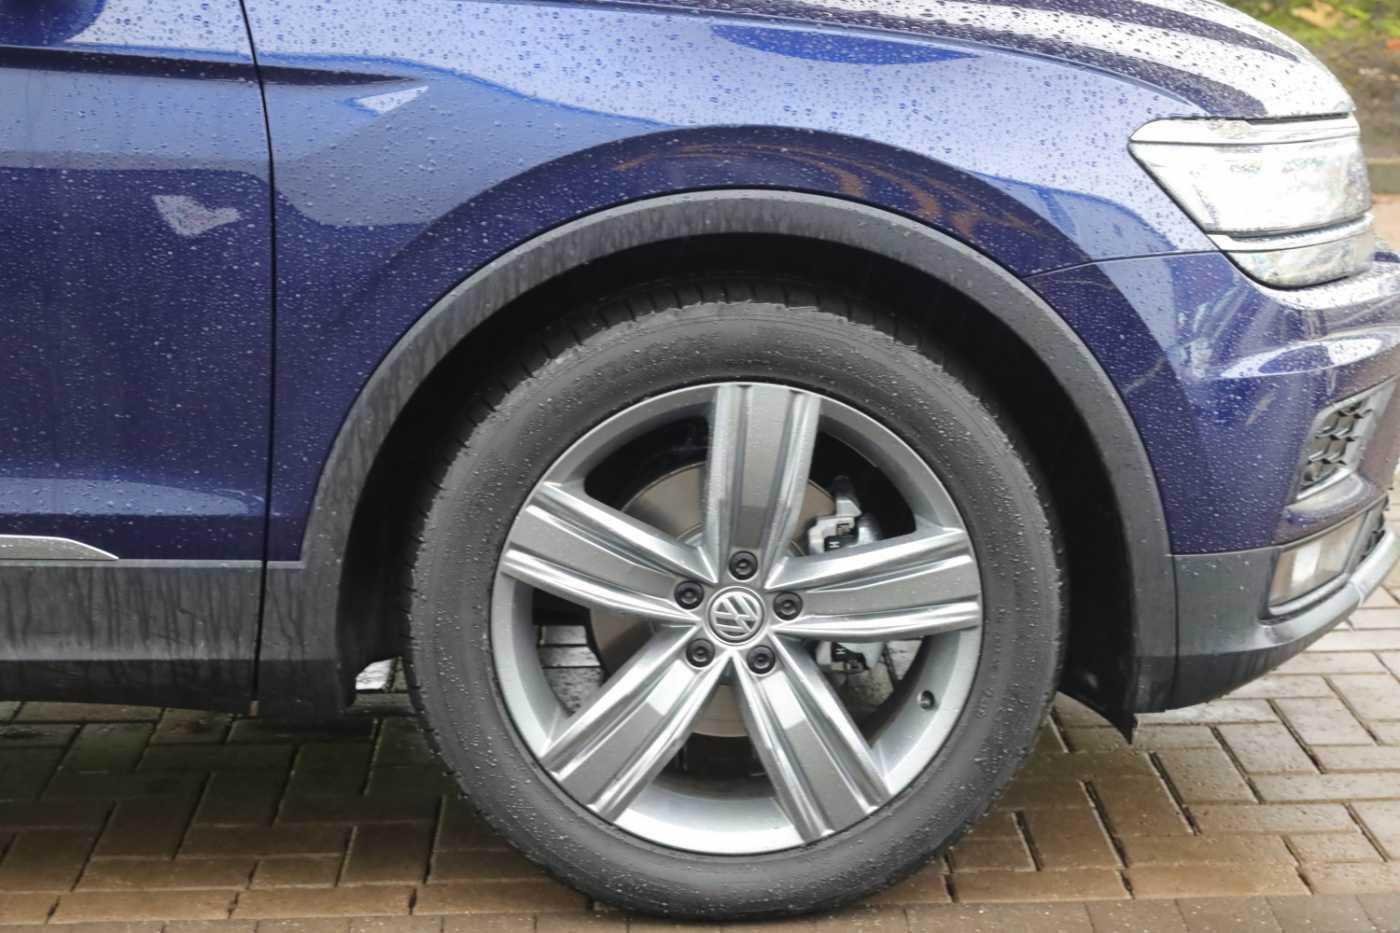 69 Reg 2019 Volkswagen Tiguan 5Dr 1.5